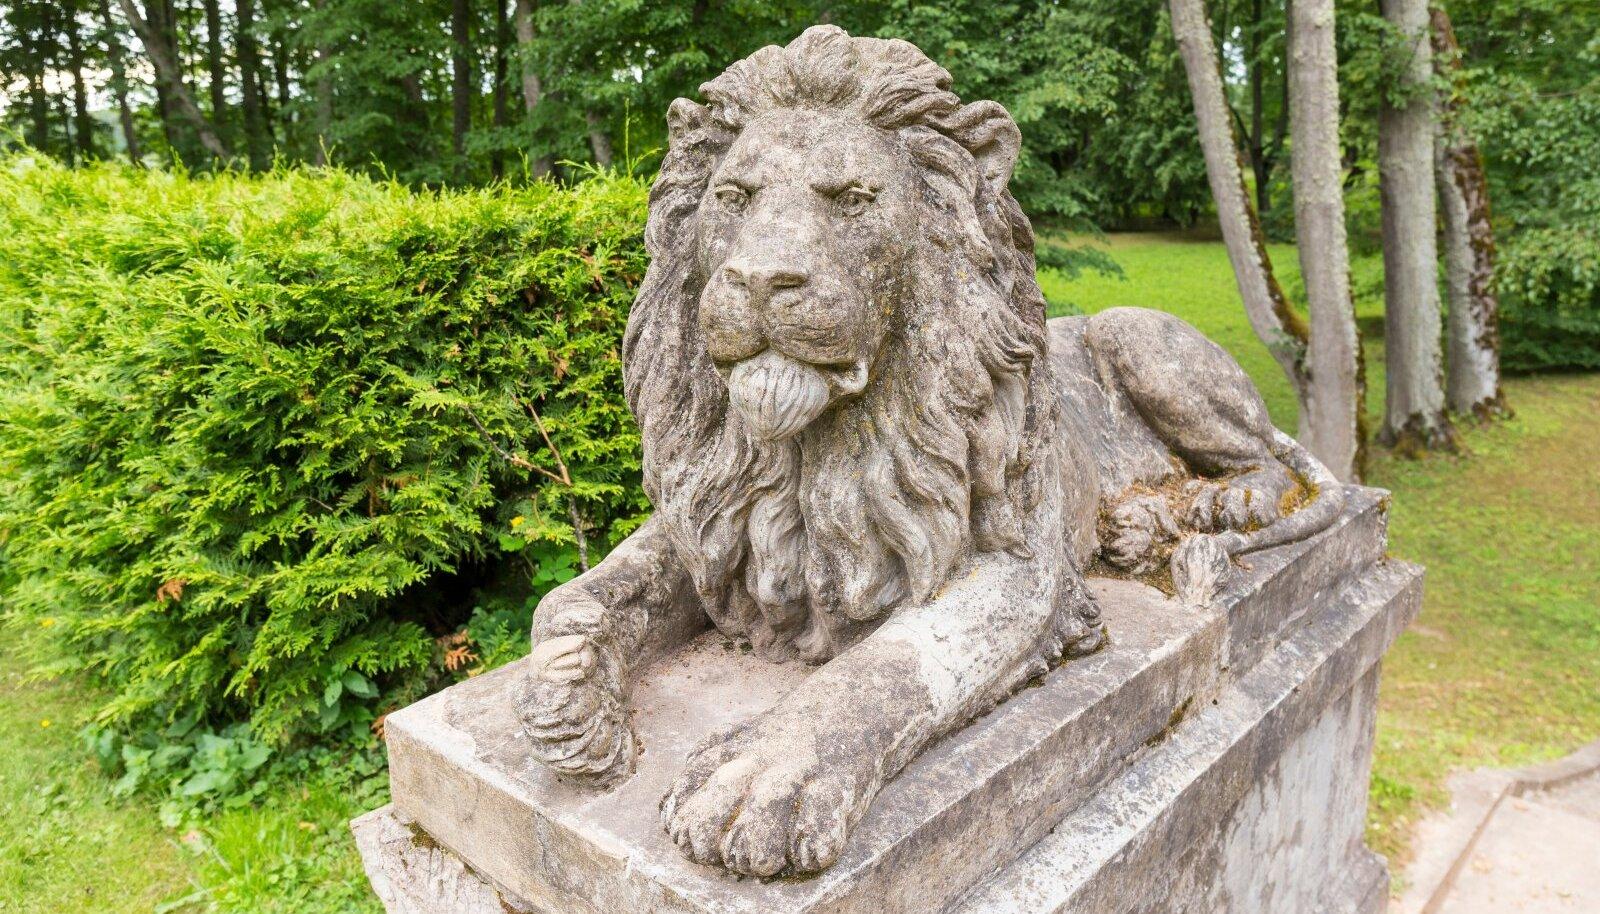 Kui lõvi oskaks rääkida, siis me ei saaks temast aru.